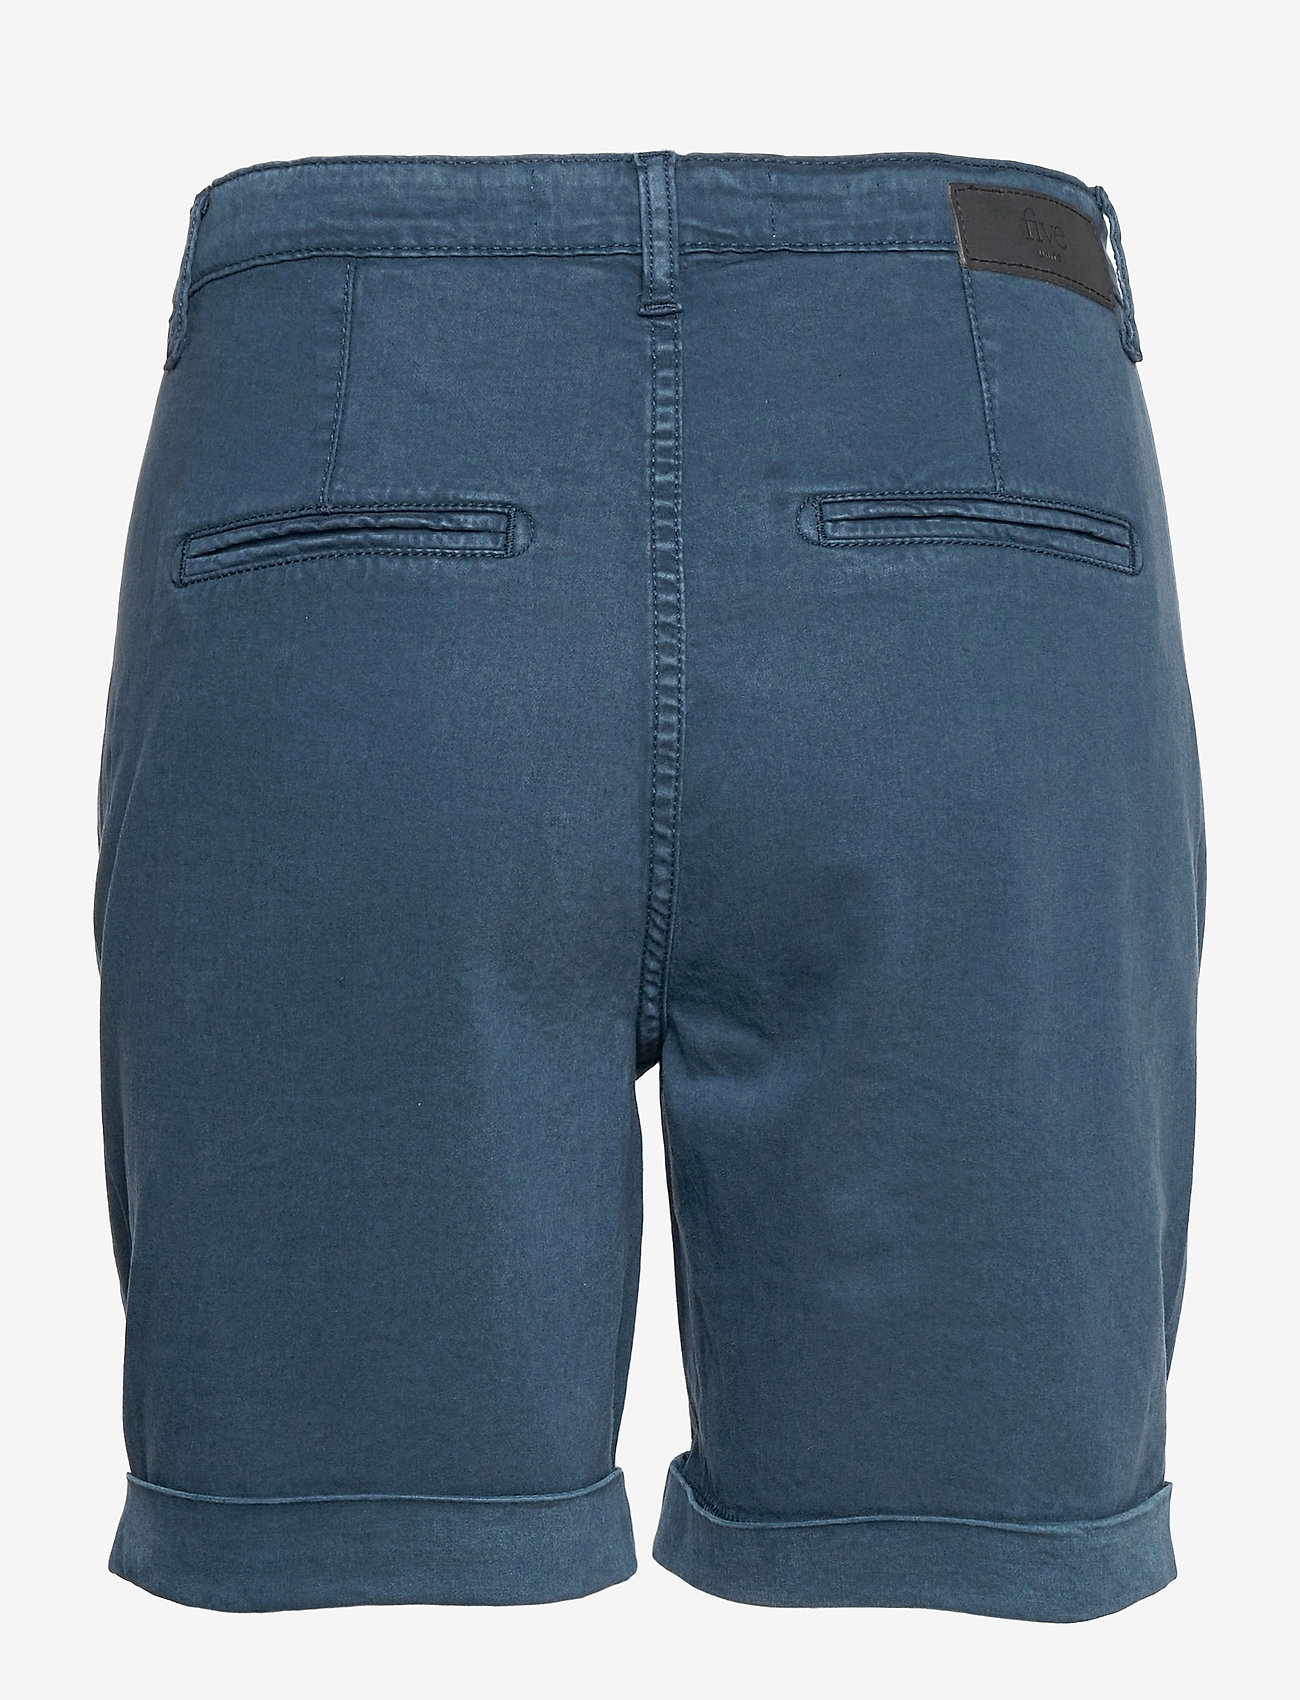 FIVEUNITS - Jolie Shorts 432 - chino shorts - ink - 1